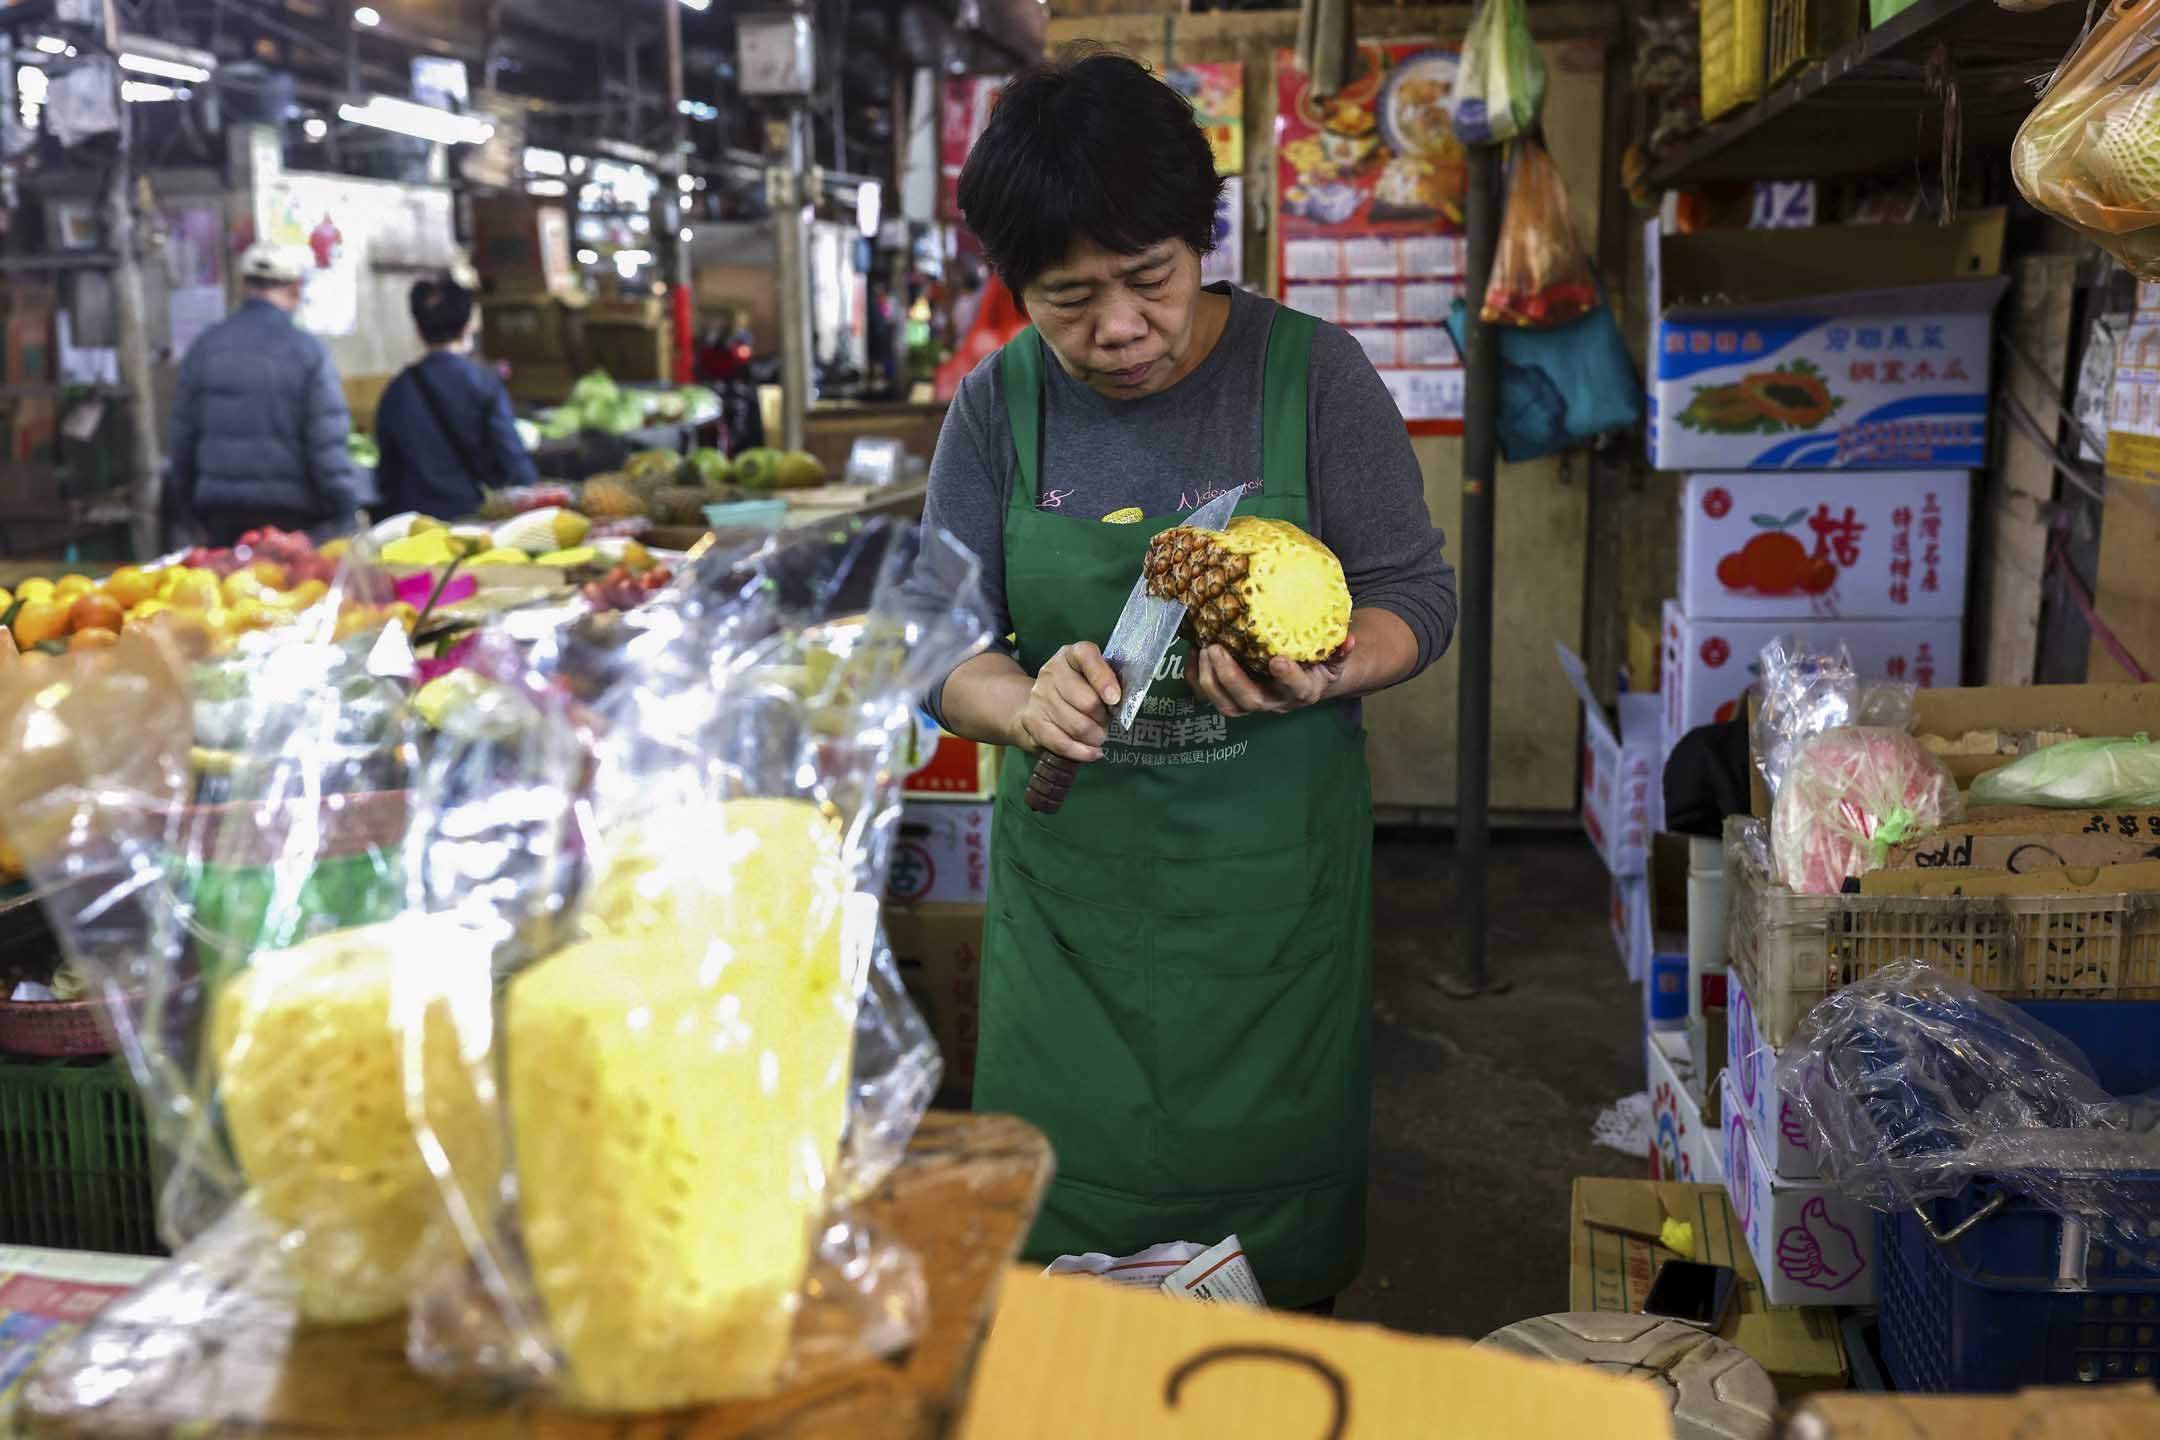 2021年3月5日,台北市的一個水果攤上,商販在準備鳳梨  。